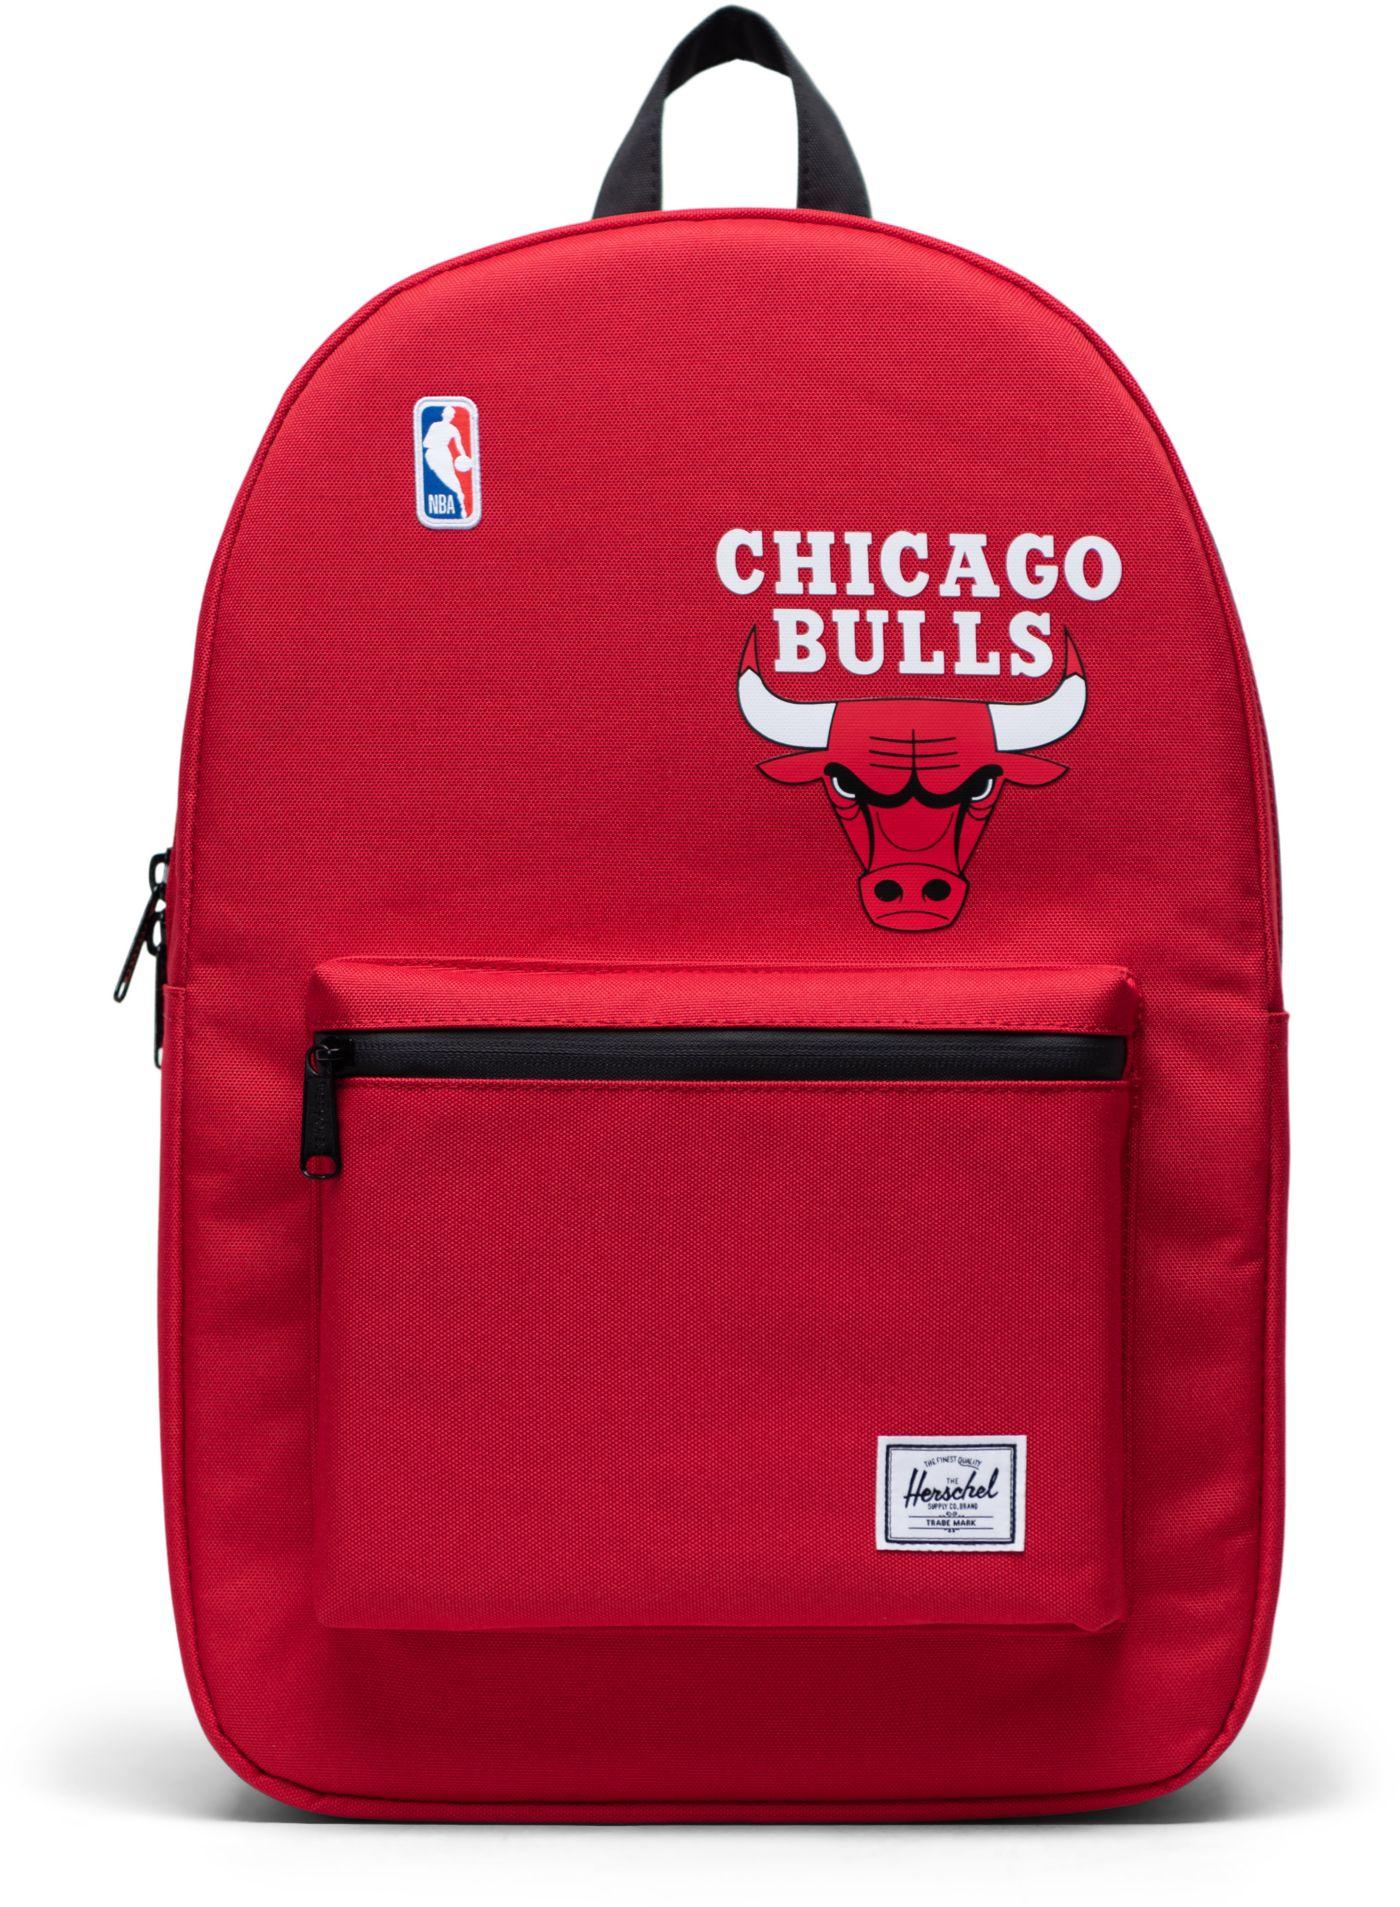 Herschel Chicago Bulls Red Backpack